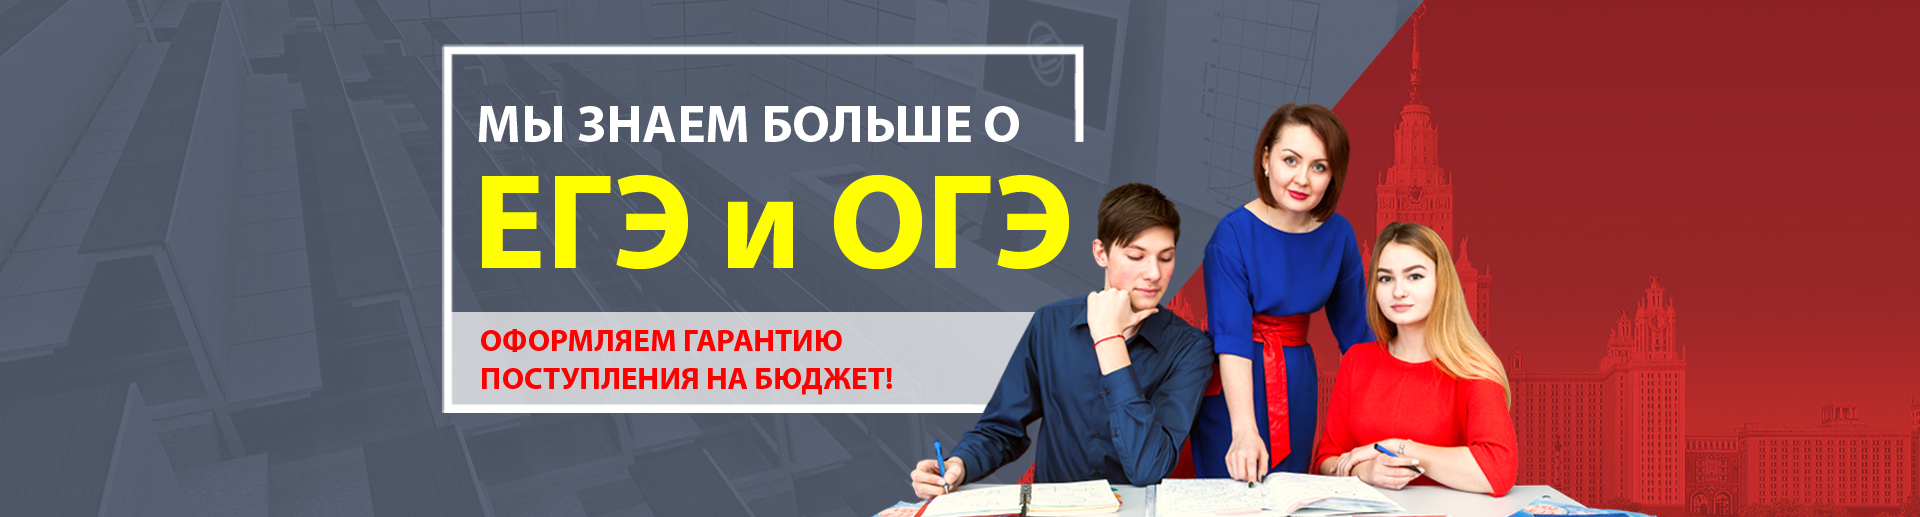 Курсы ЕГЭ и ОГЭ в Казани в iQ-центре